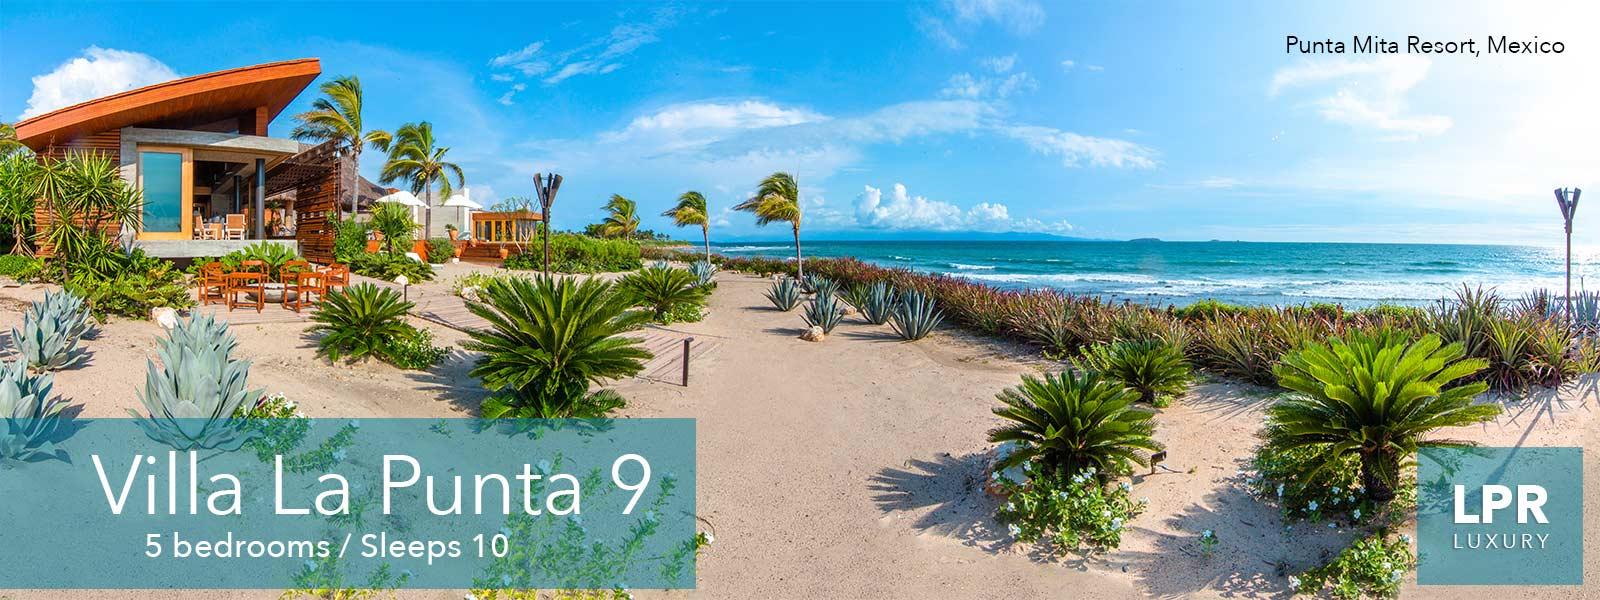 Villa la Punta 9 - La Punta Estates - Punta Mita Mexico - Luxury Villa Rental